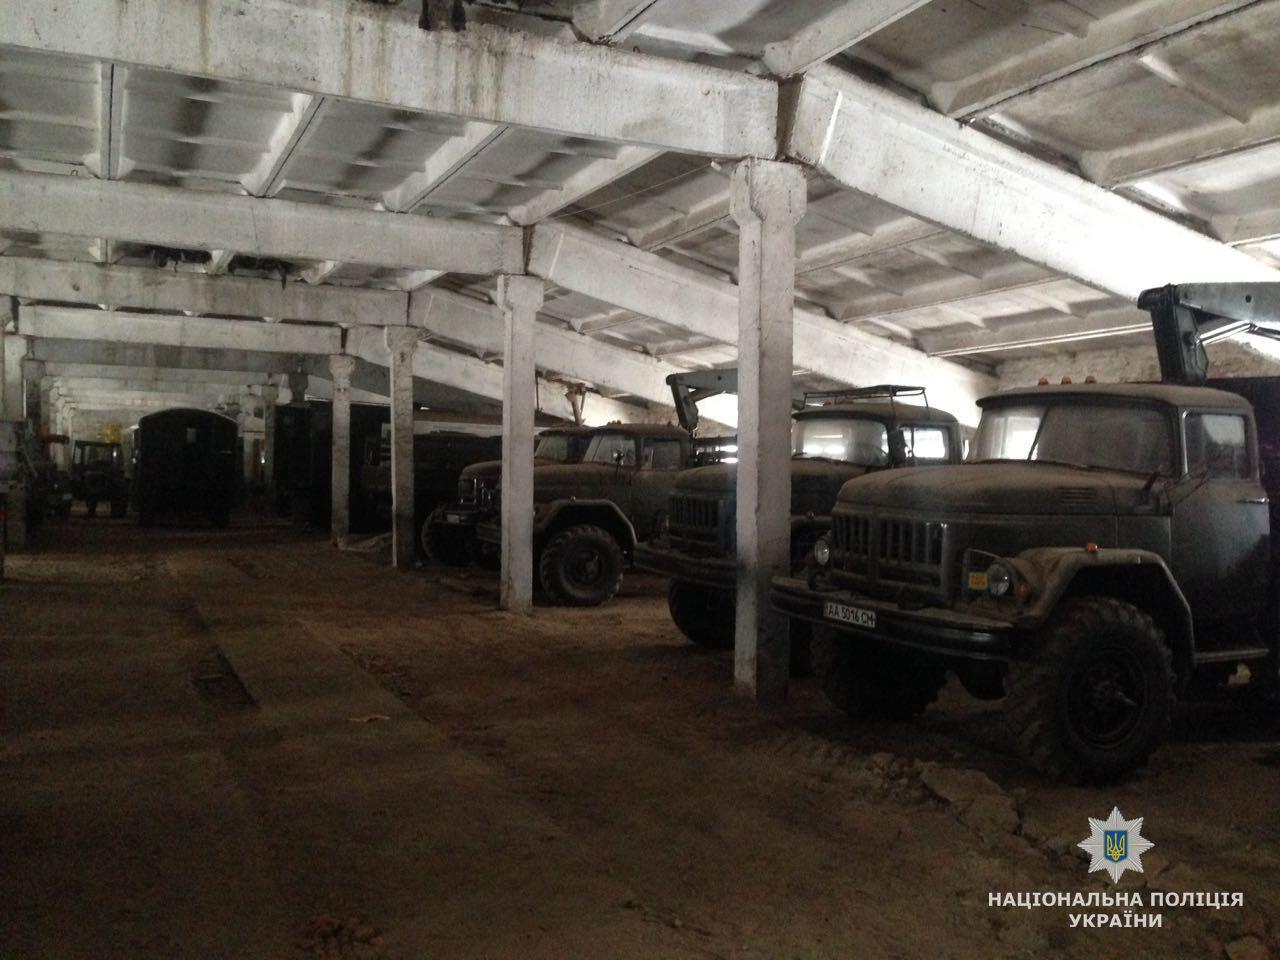 Поки йде війна: на Житомирщині знайшли вкрадену техніку